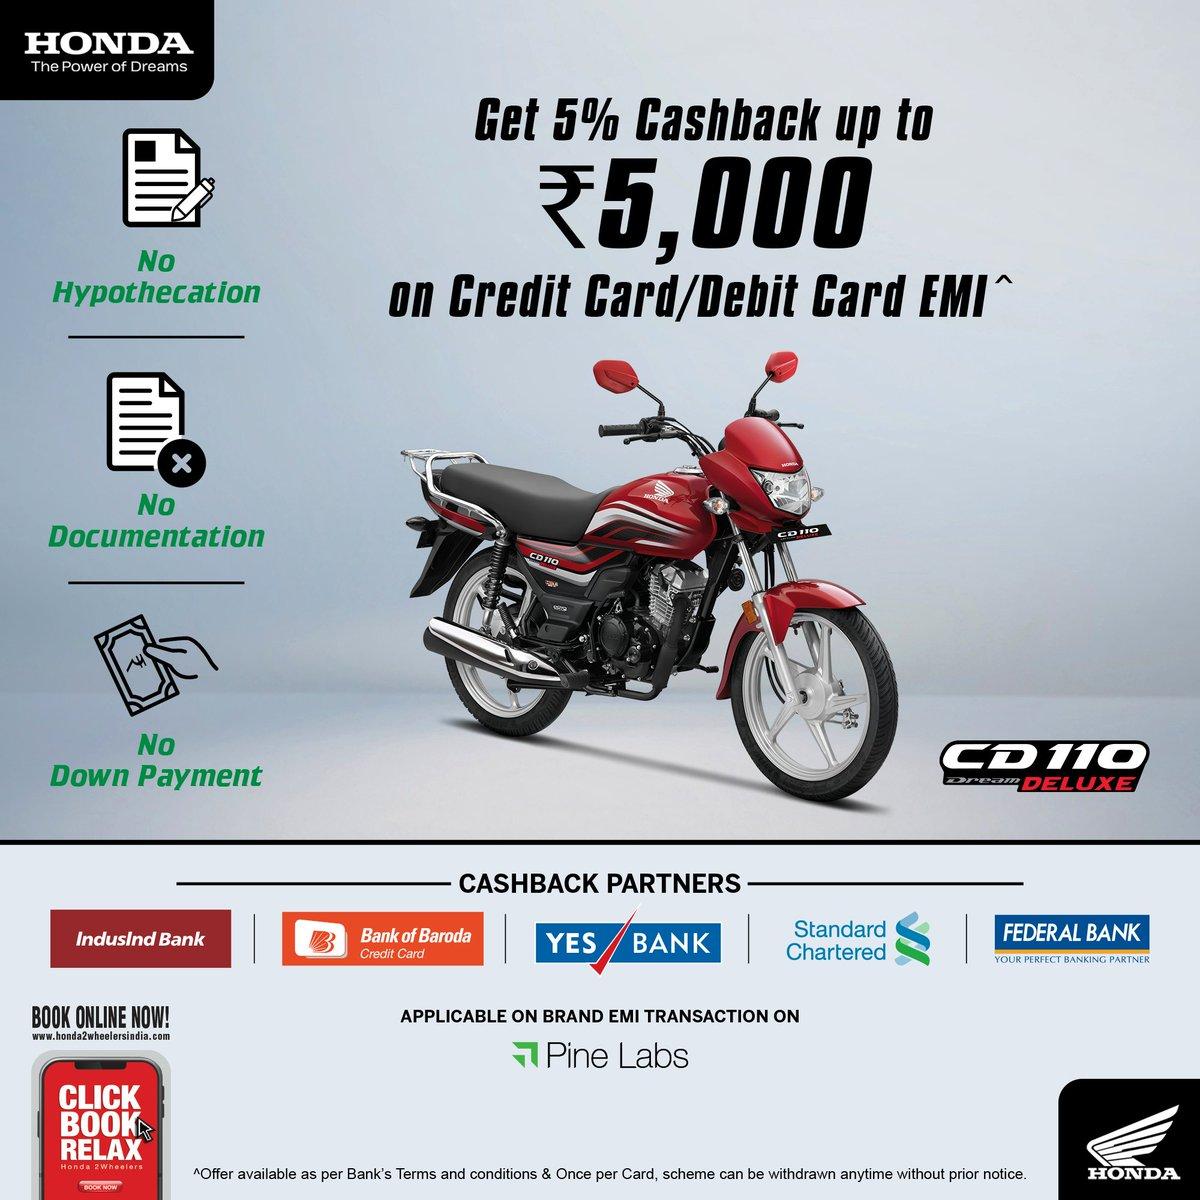 Kelebihan Honda 2 Review